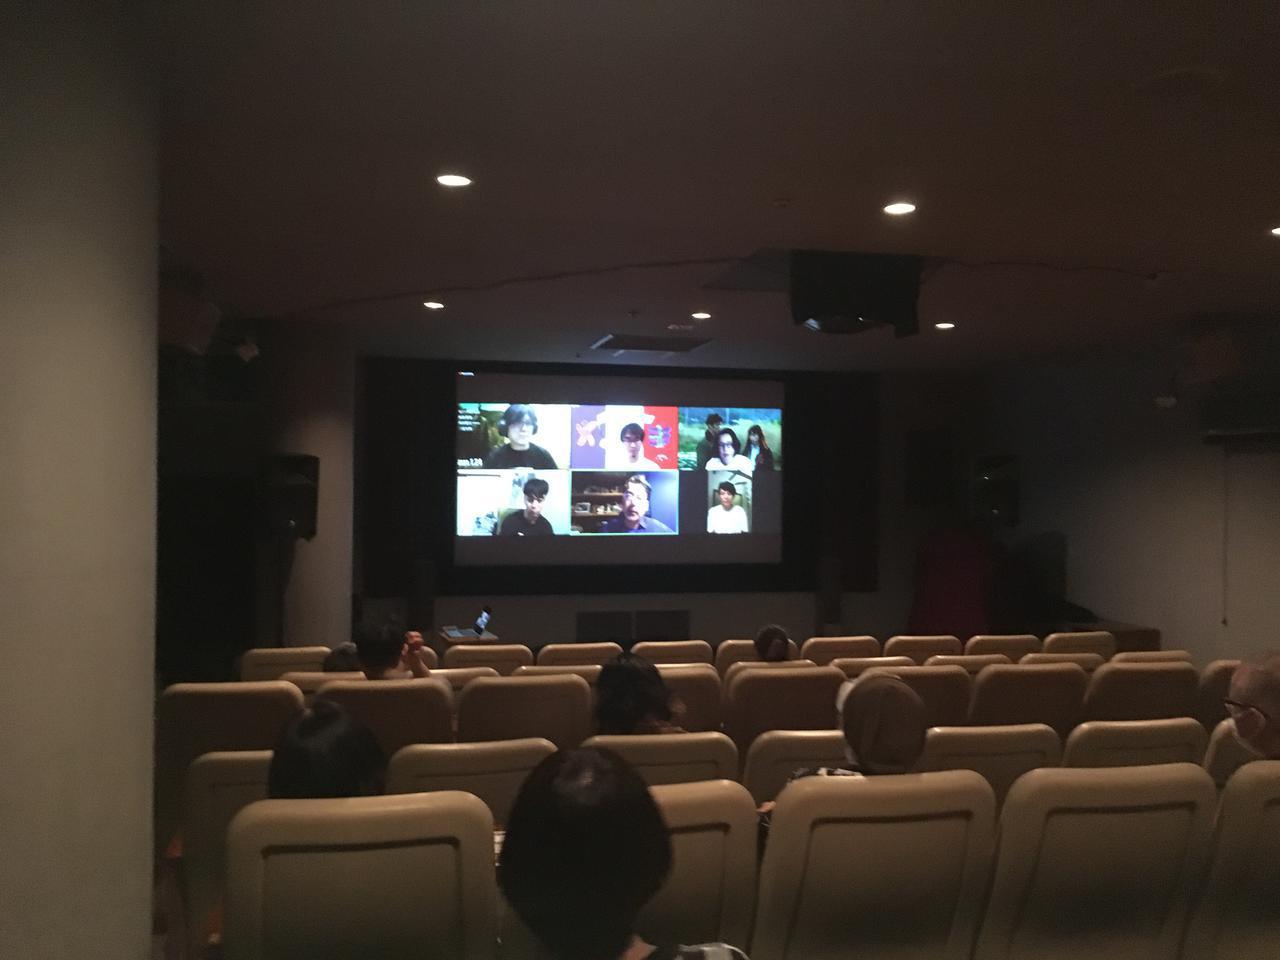 画像1: コロナ禍以降、初!?ミニシアター映画館で満席!!オンラインとリアルで実験的な試みで同時動員!諏訪敦彦監督『風の電話』